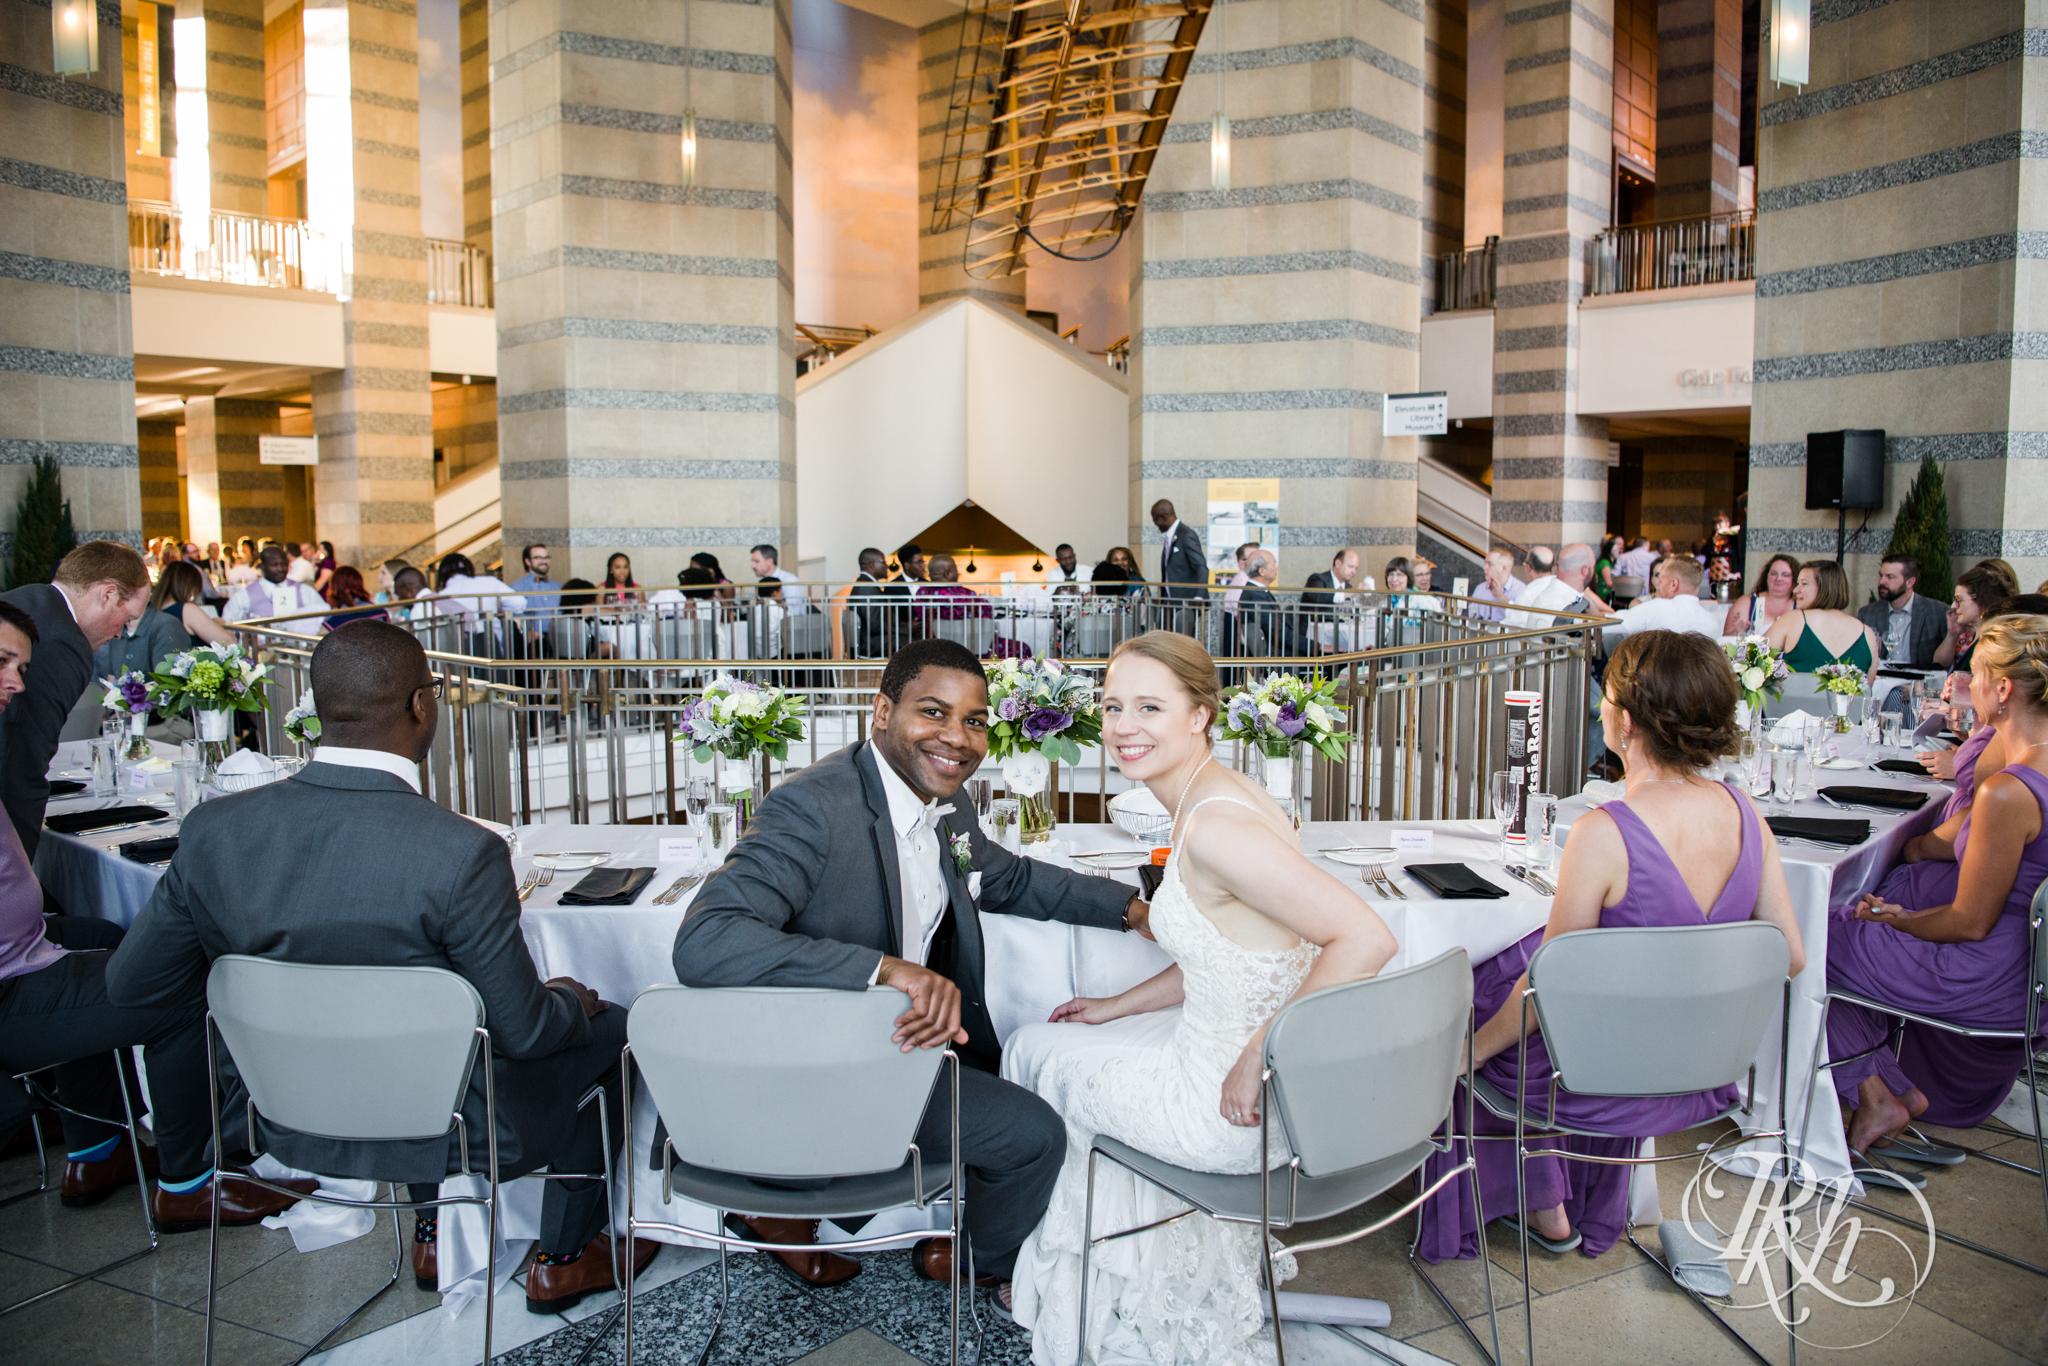 Laura and Adekunle - Minnesota Wedding Photographer - Minnesota History Center - RKH Images - Blog (57 of 75).jpg